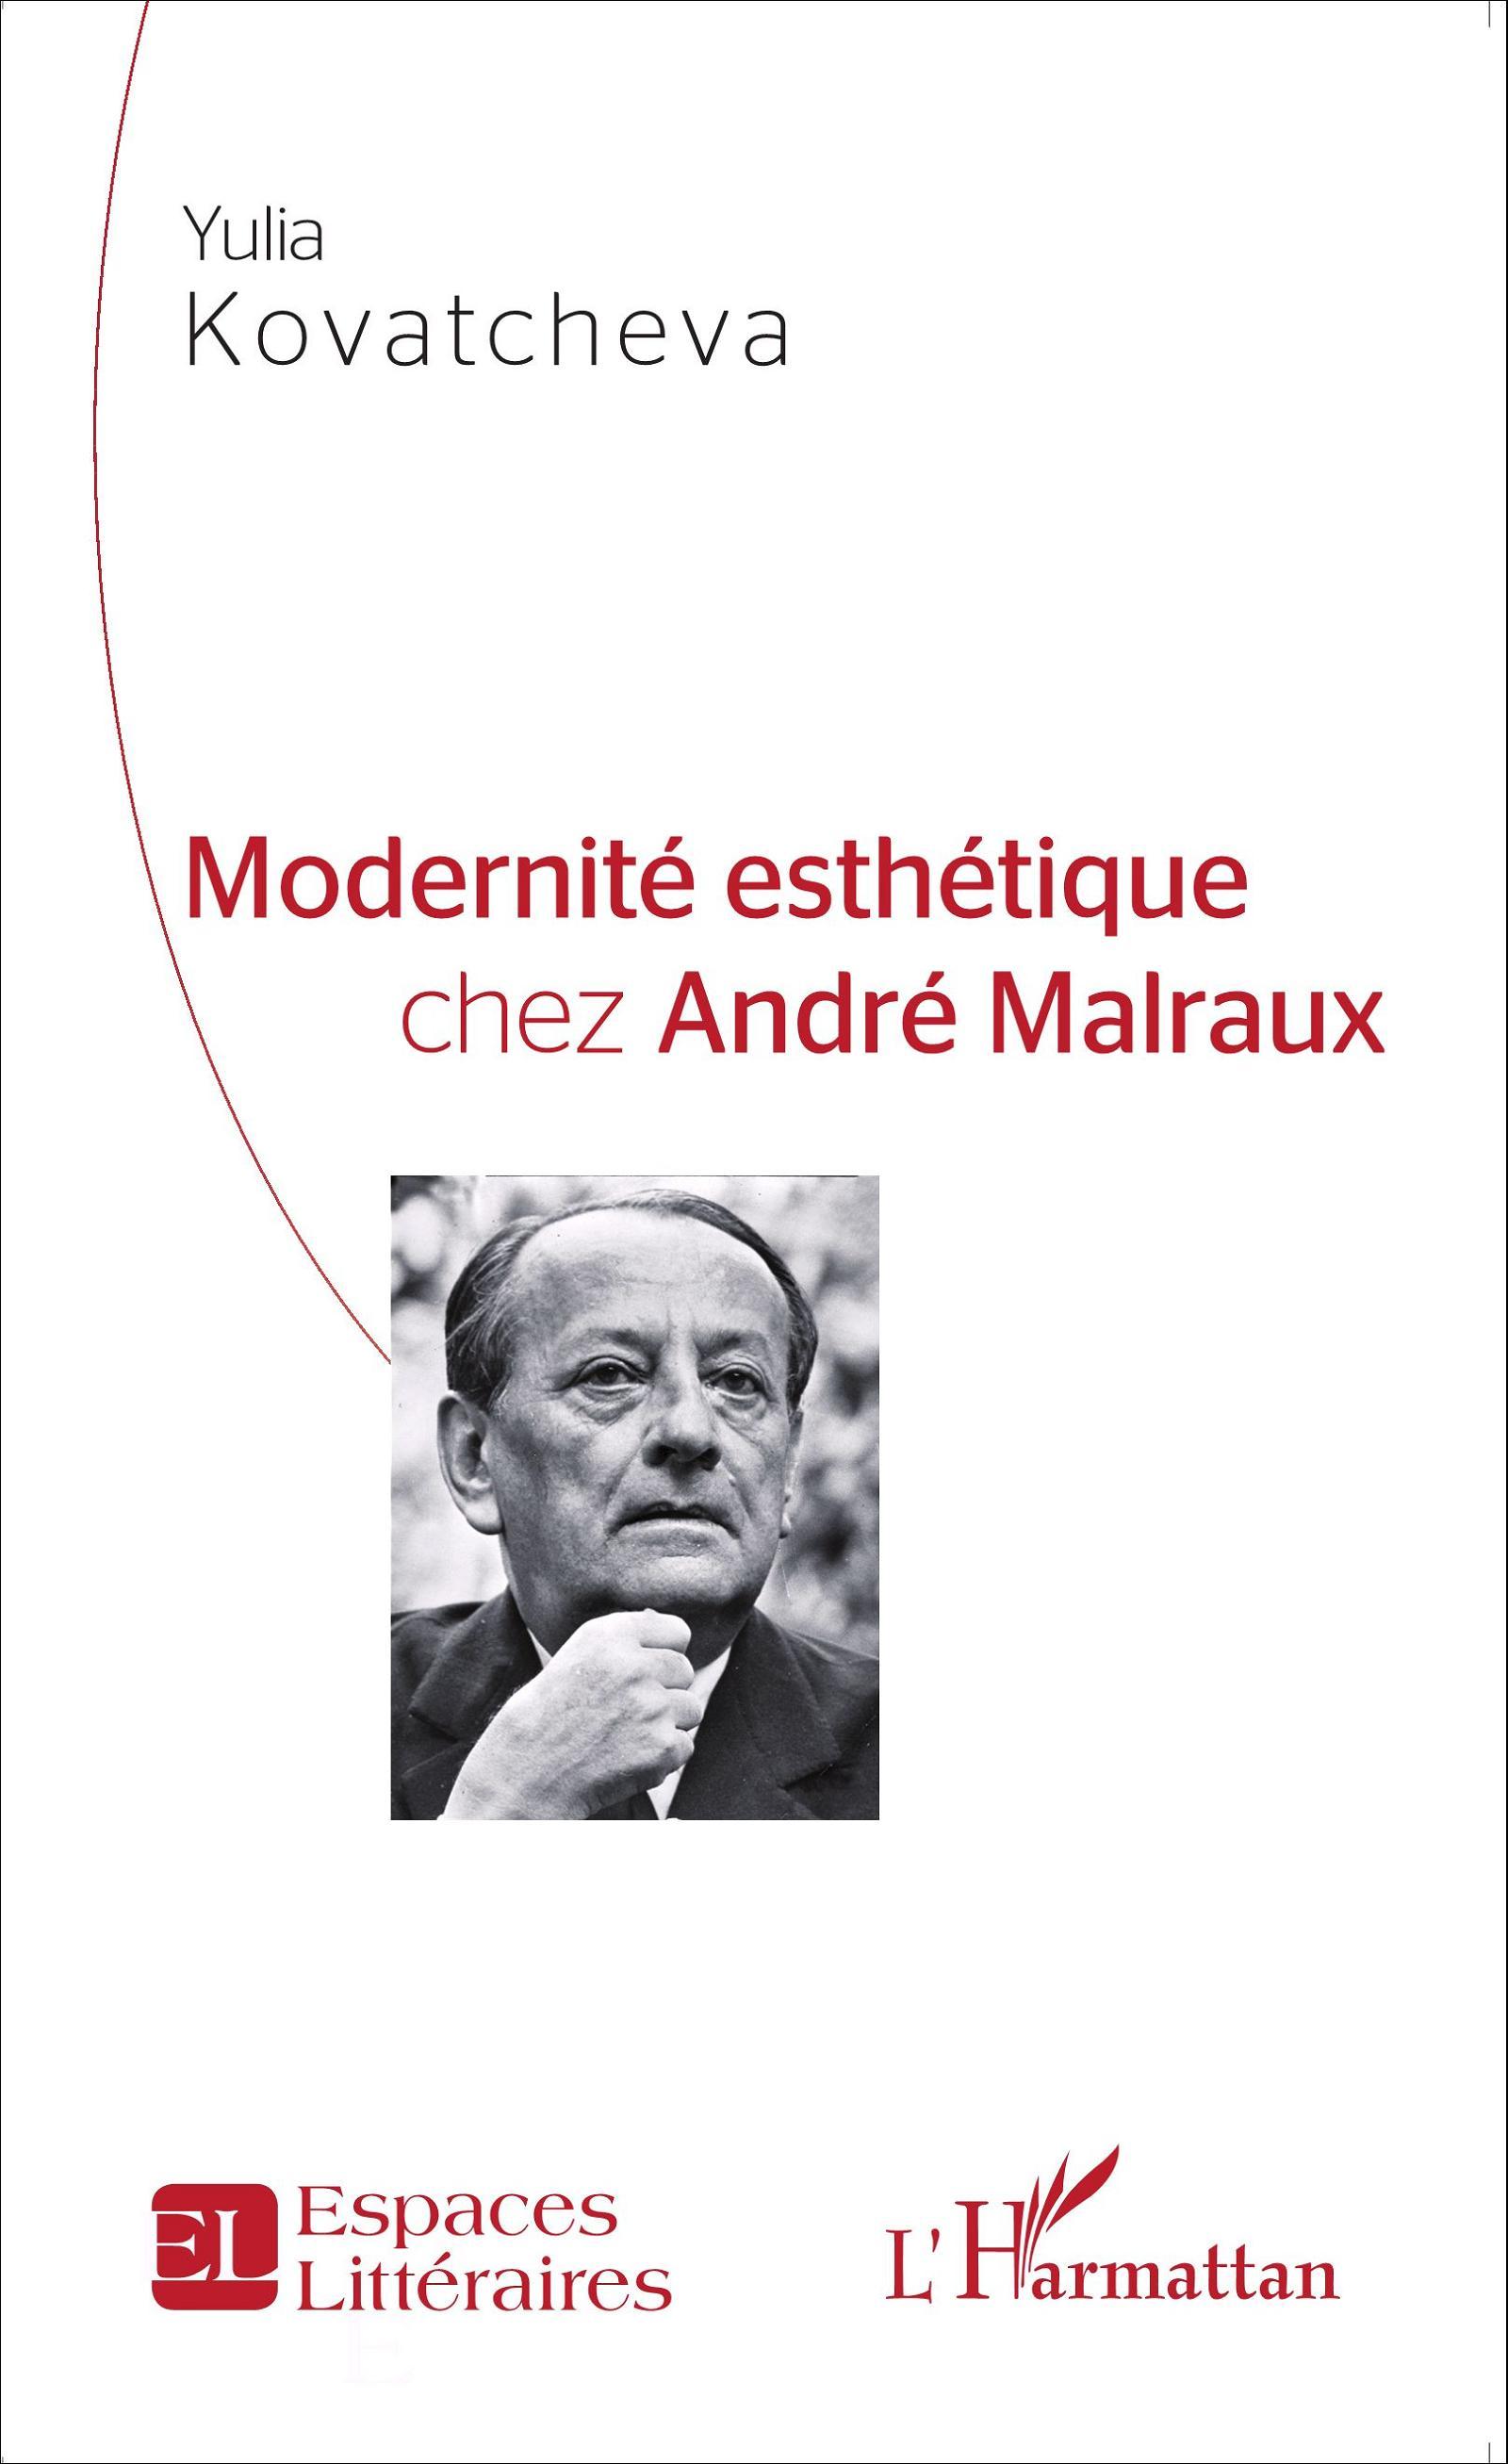 Y. Kovatcheva, Modernité esthétique chez André Malraux